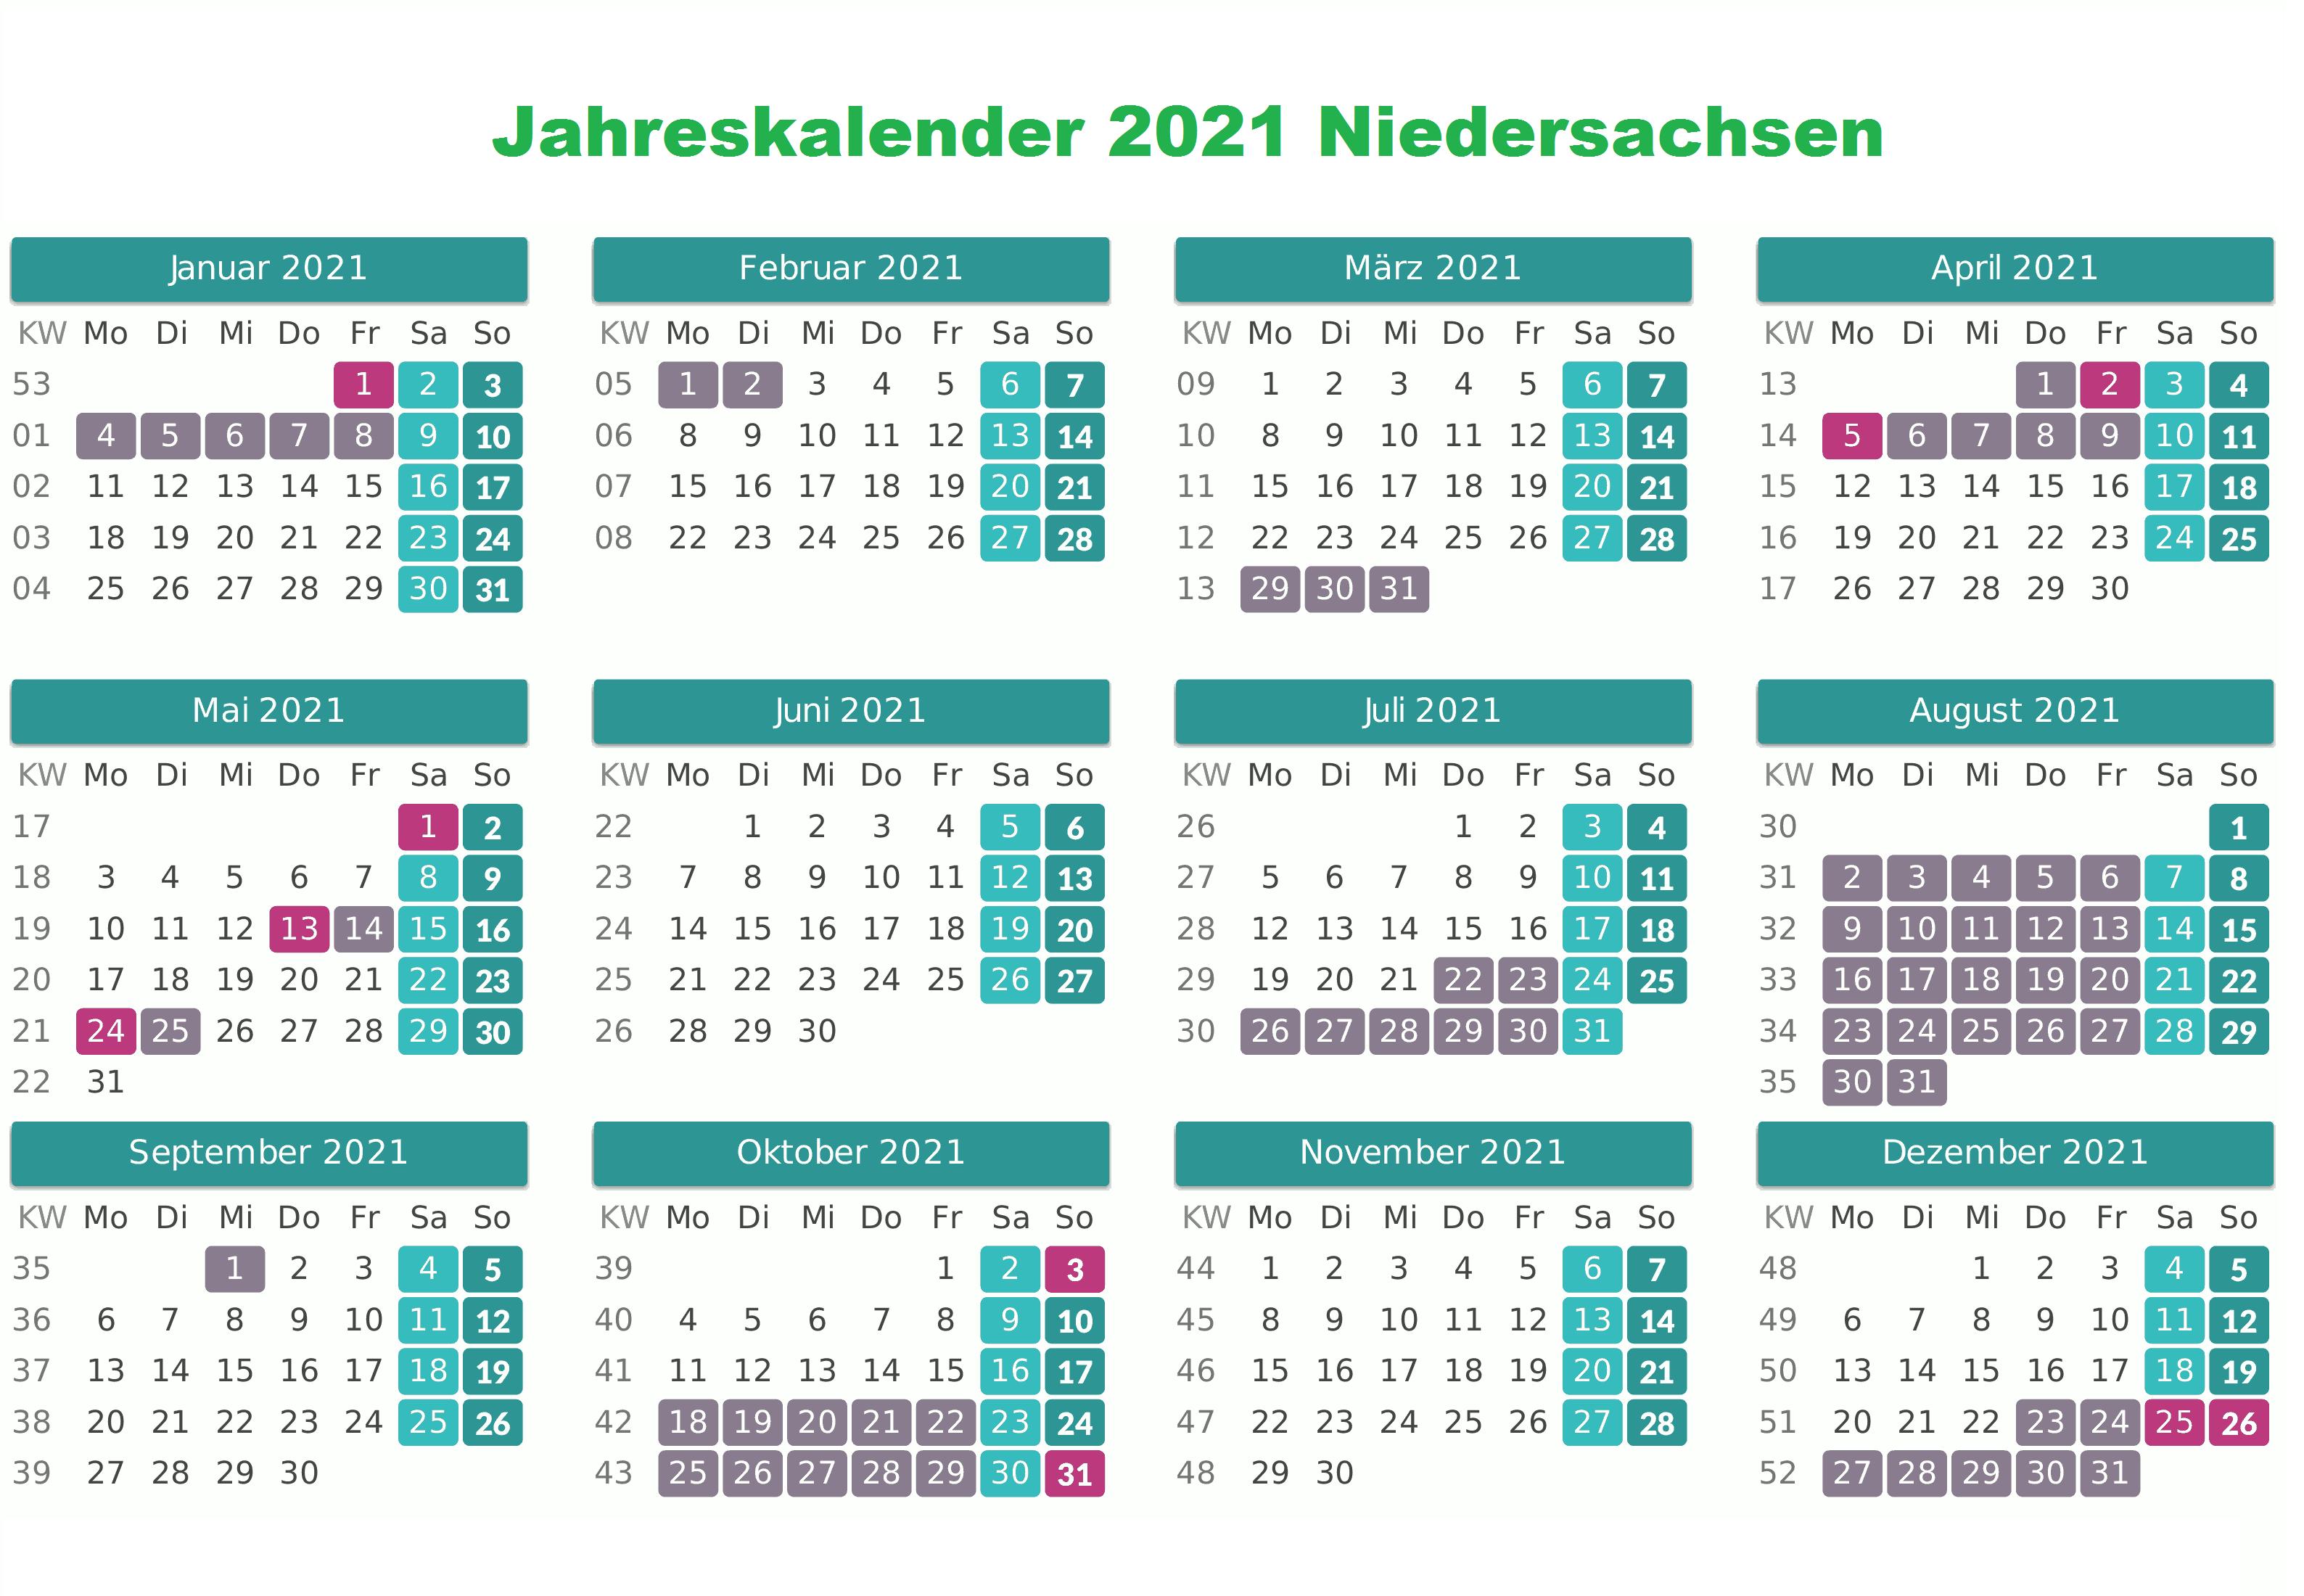 Jahreskalender 2021 Niedersachsen MitFeiertagen